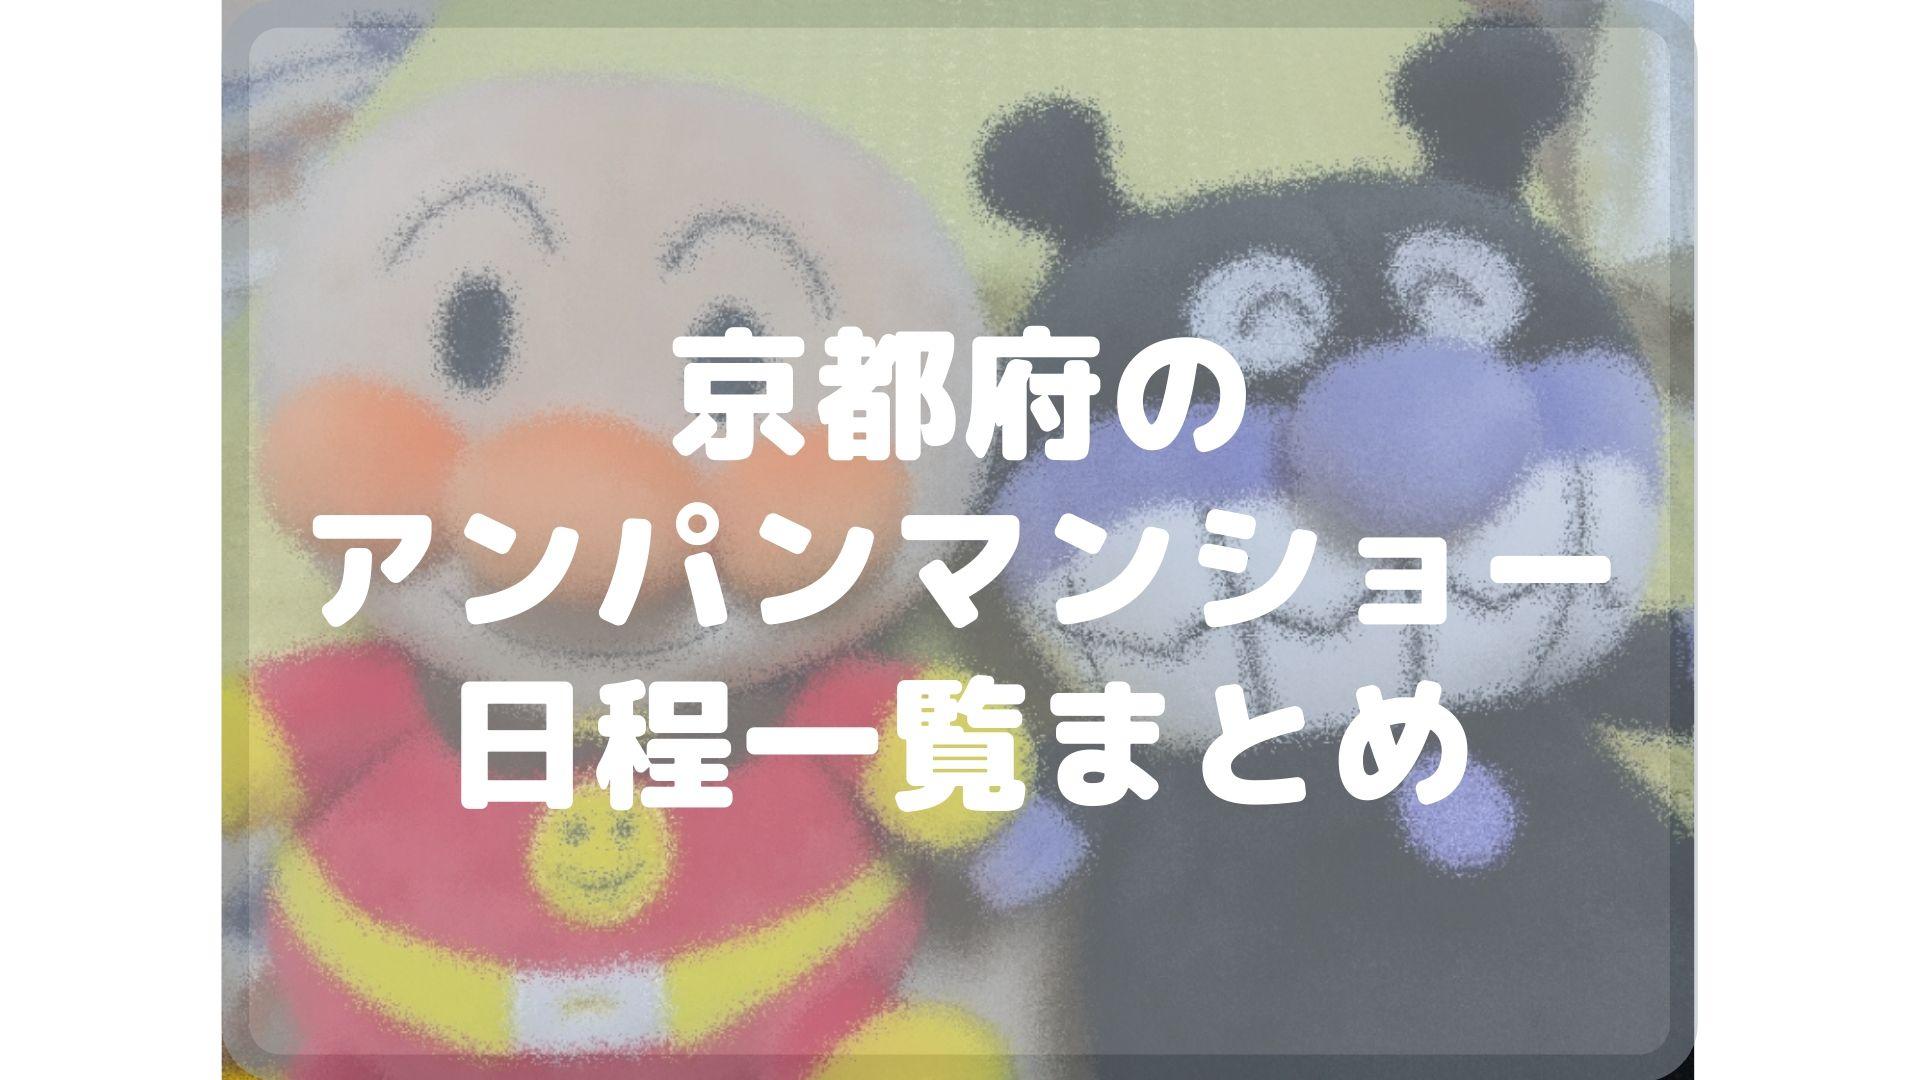 京都府のアンパンマンショーまとめタイトル画像